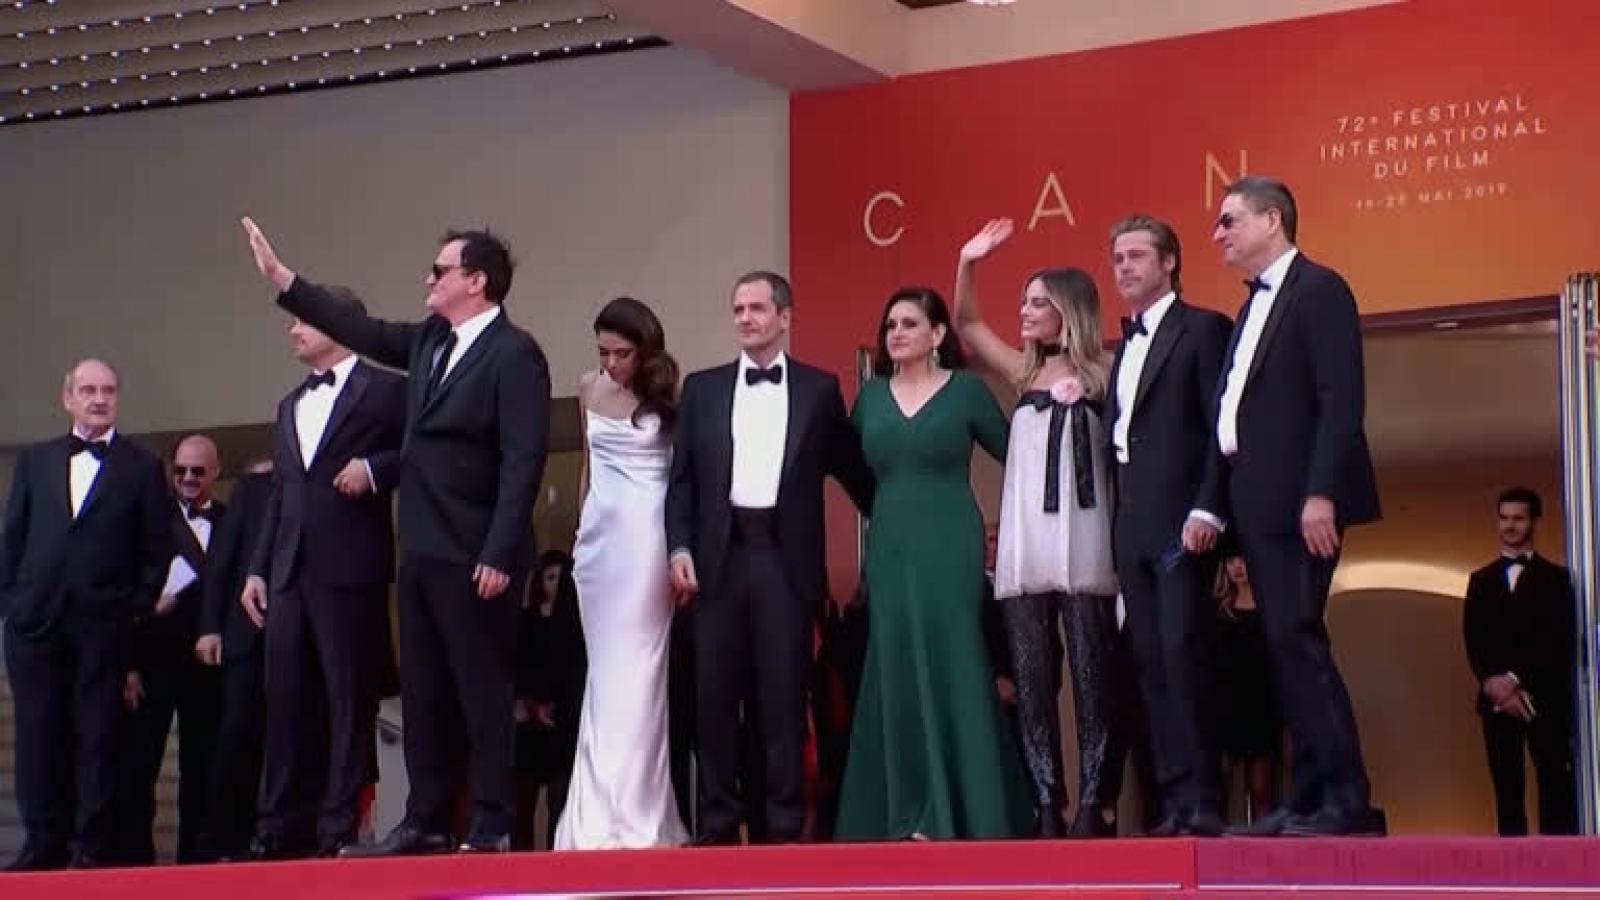 Lùi tổ chức liên hoan phim Cannes đến tháng 7